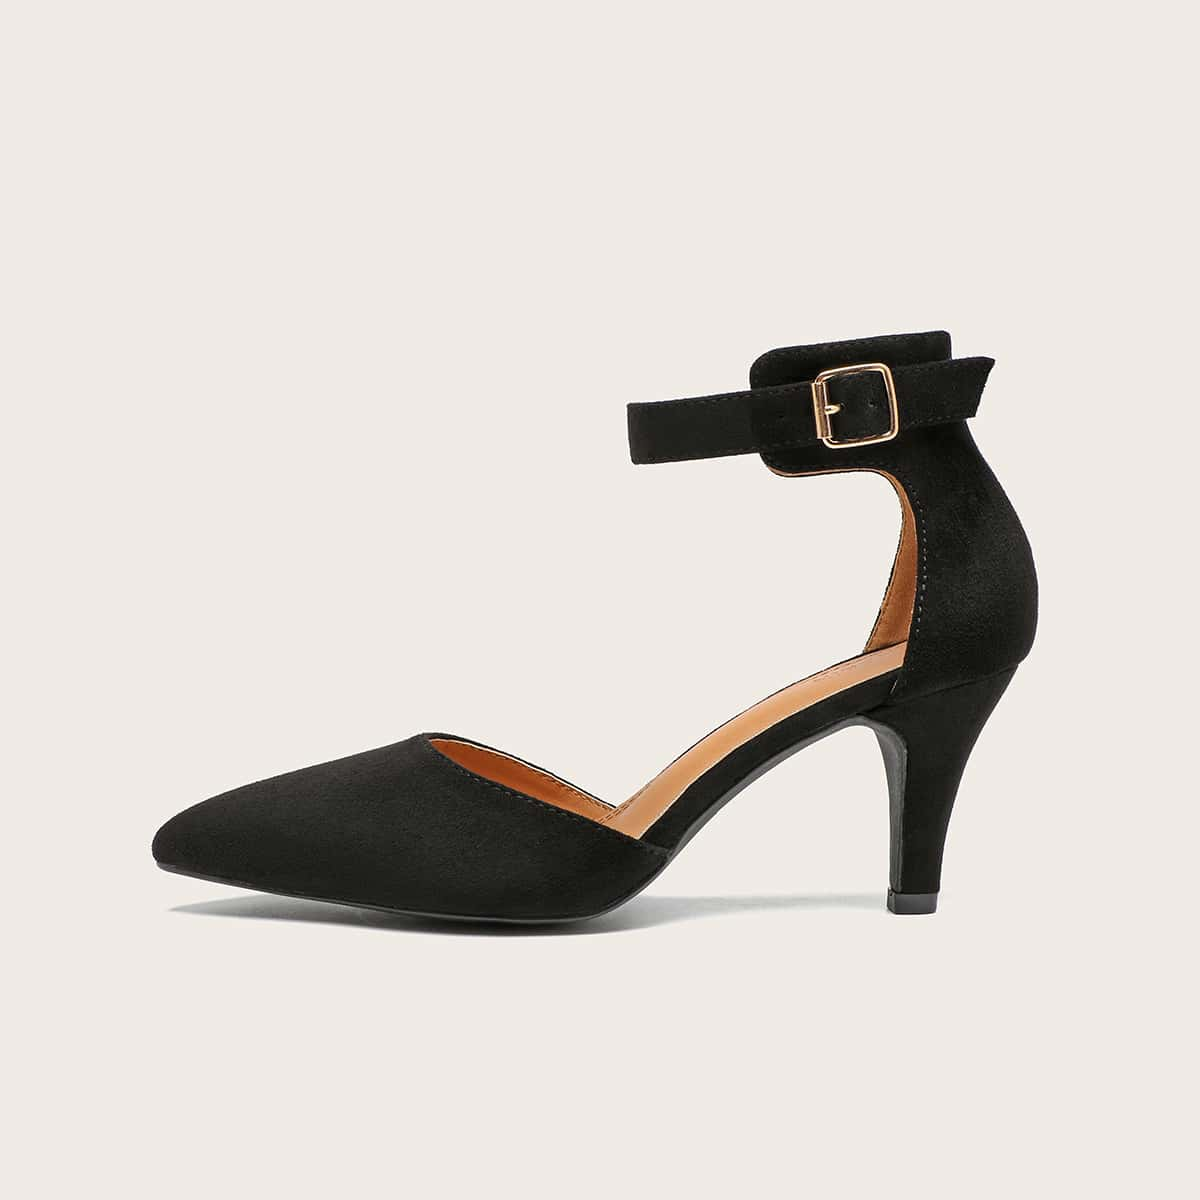 Остроконечные туфли на шпильках с ремешком фото